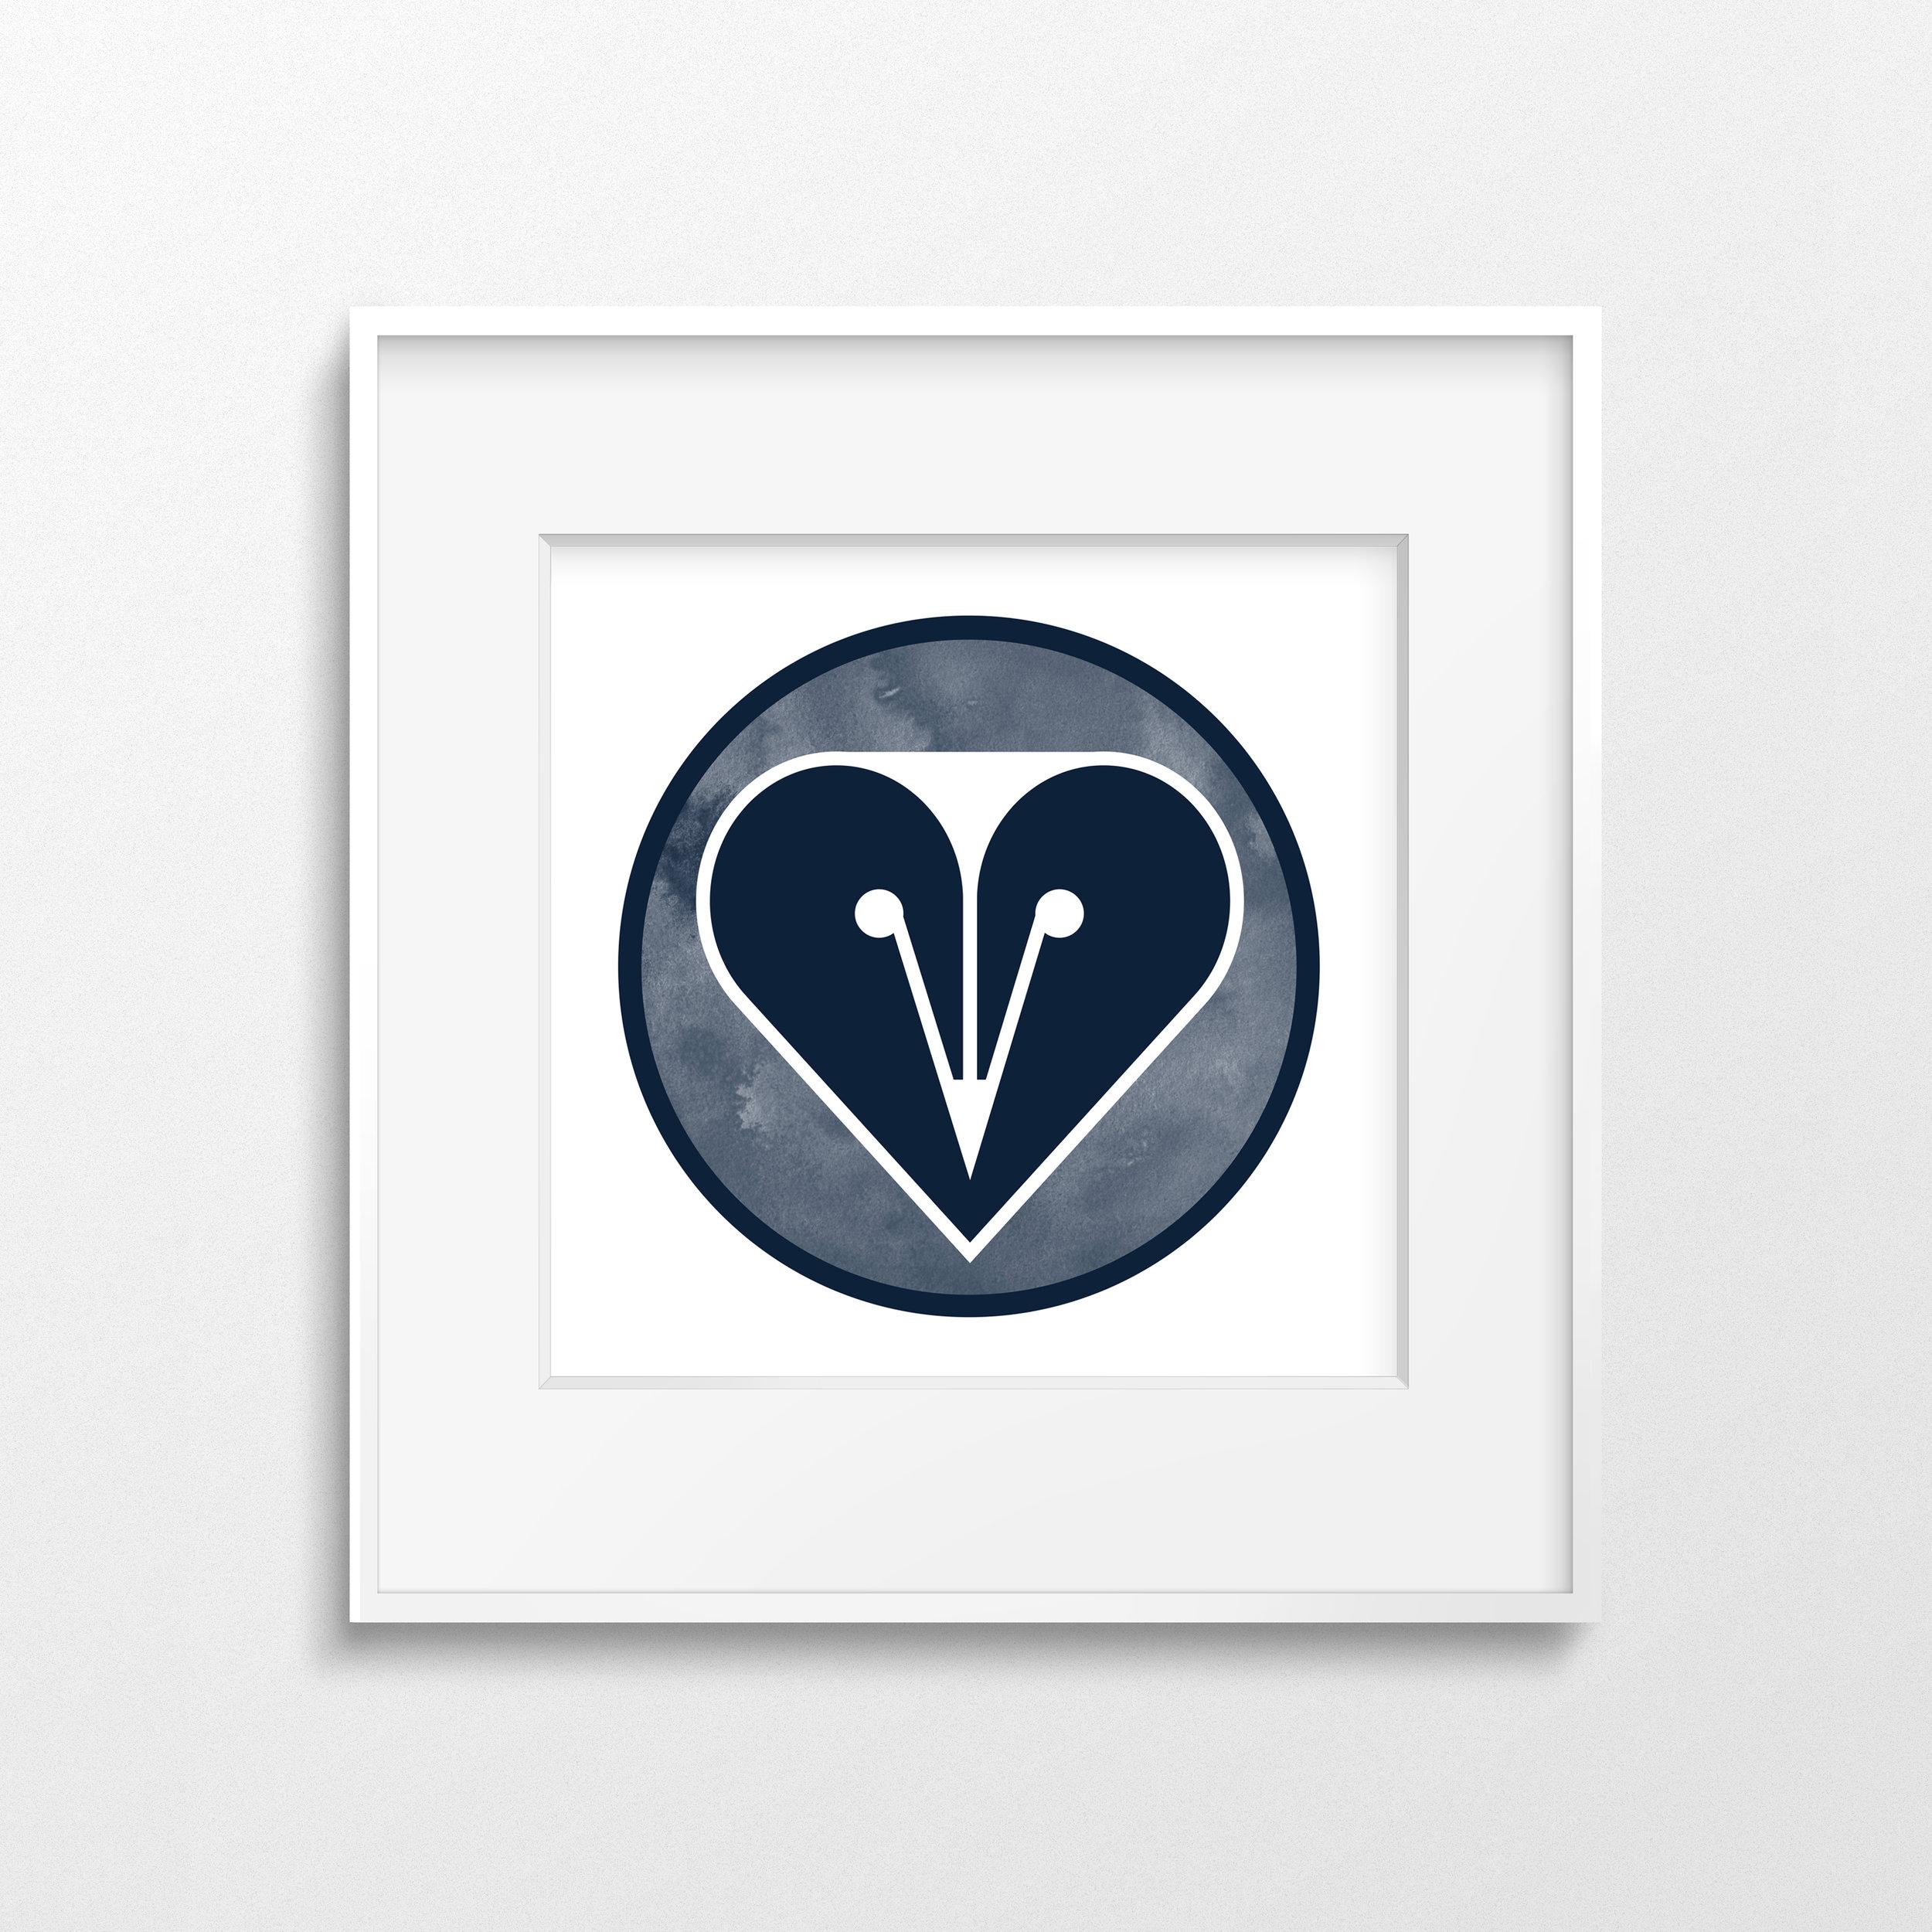 Barn Owl White Frame2 (Thin).jpg